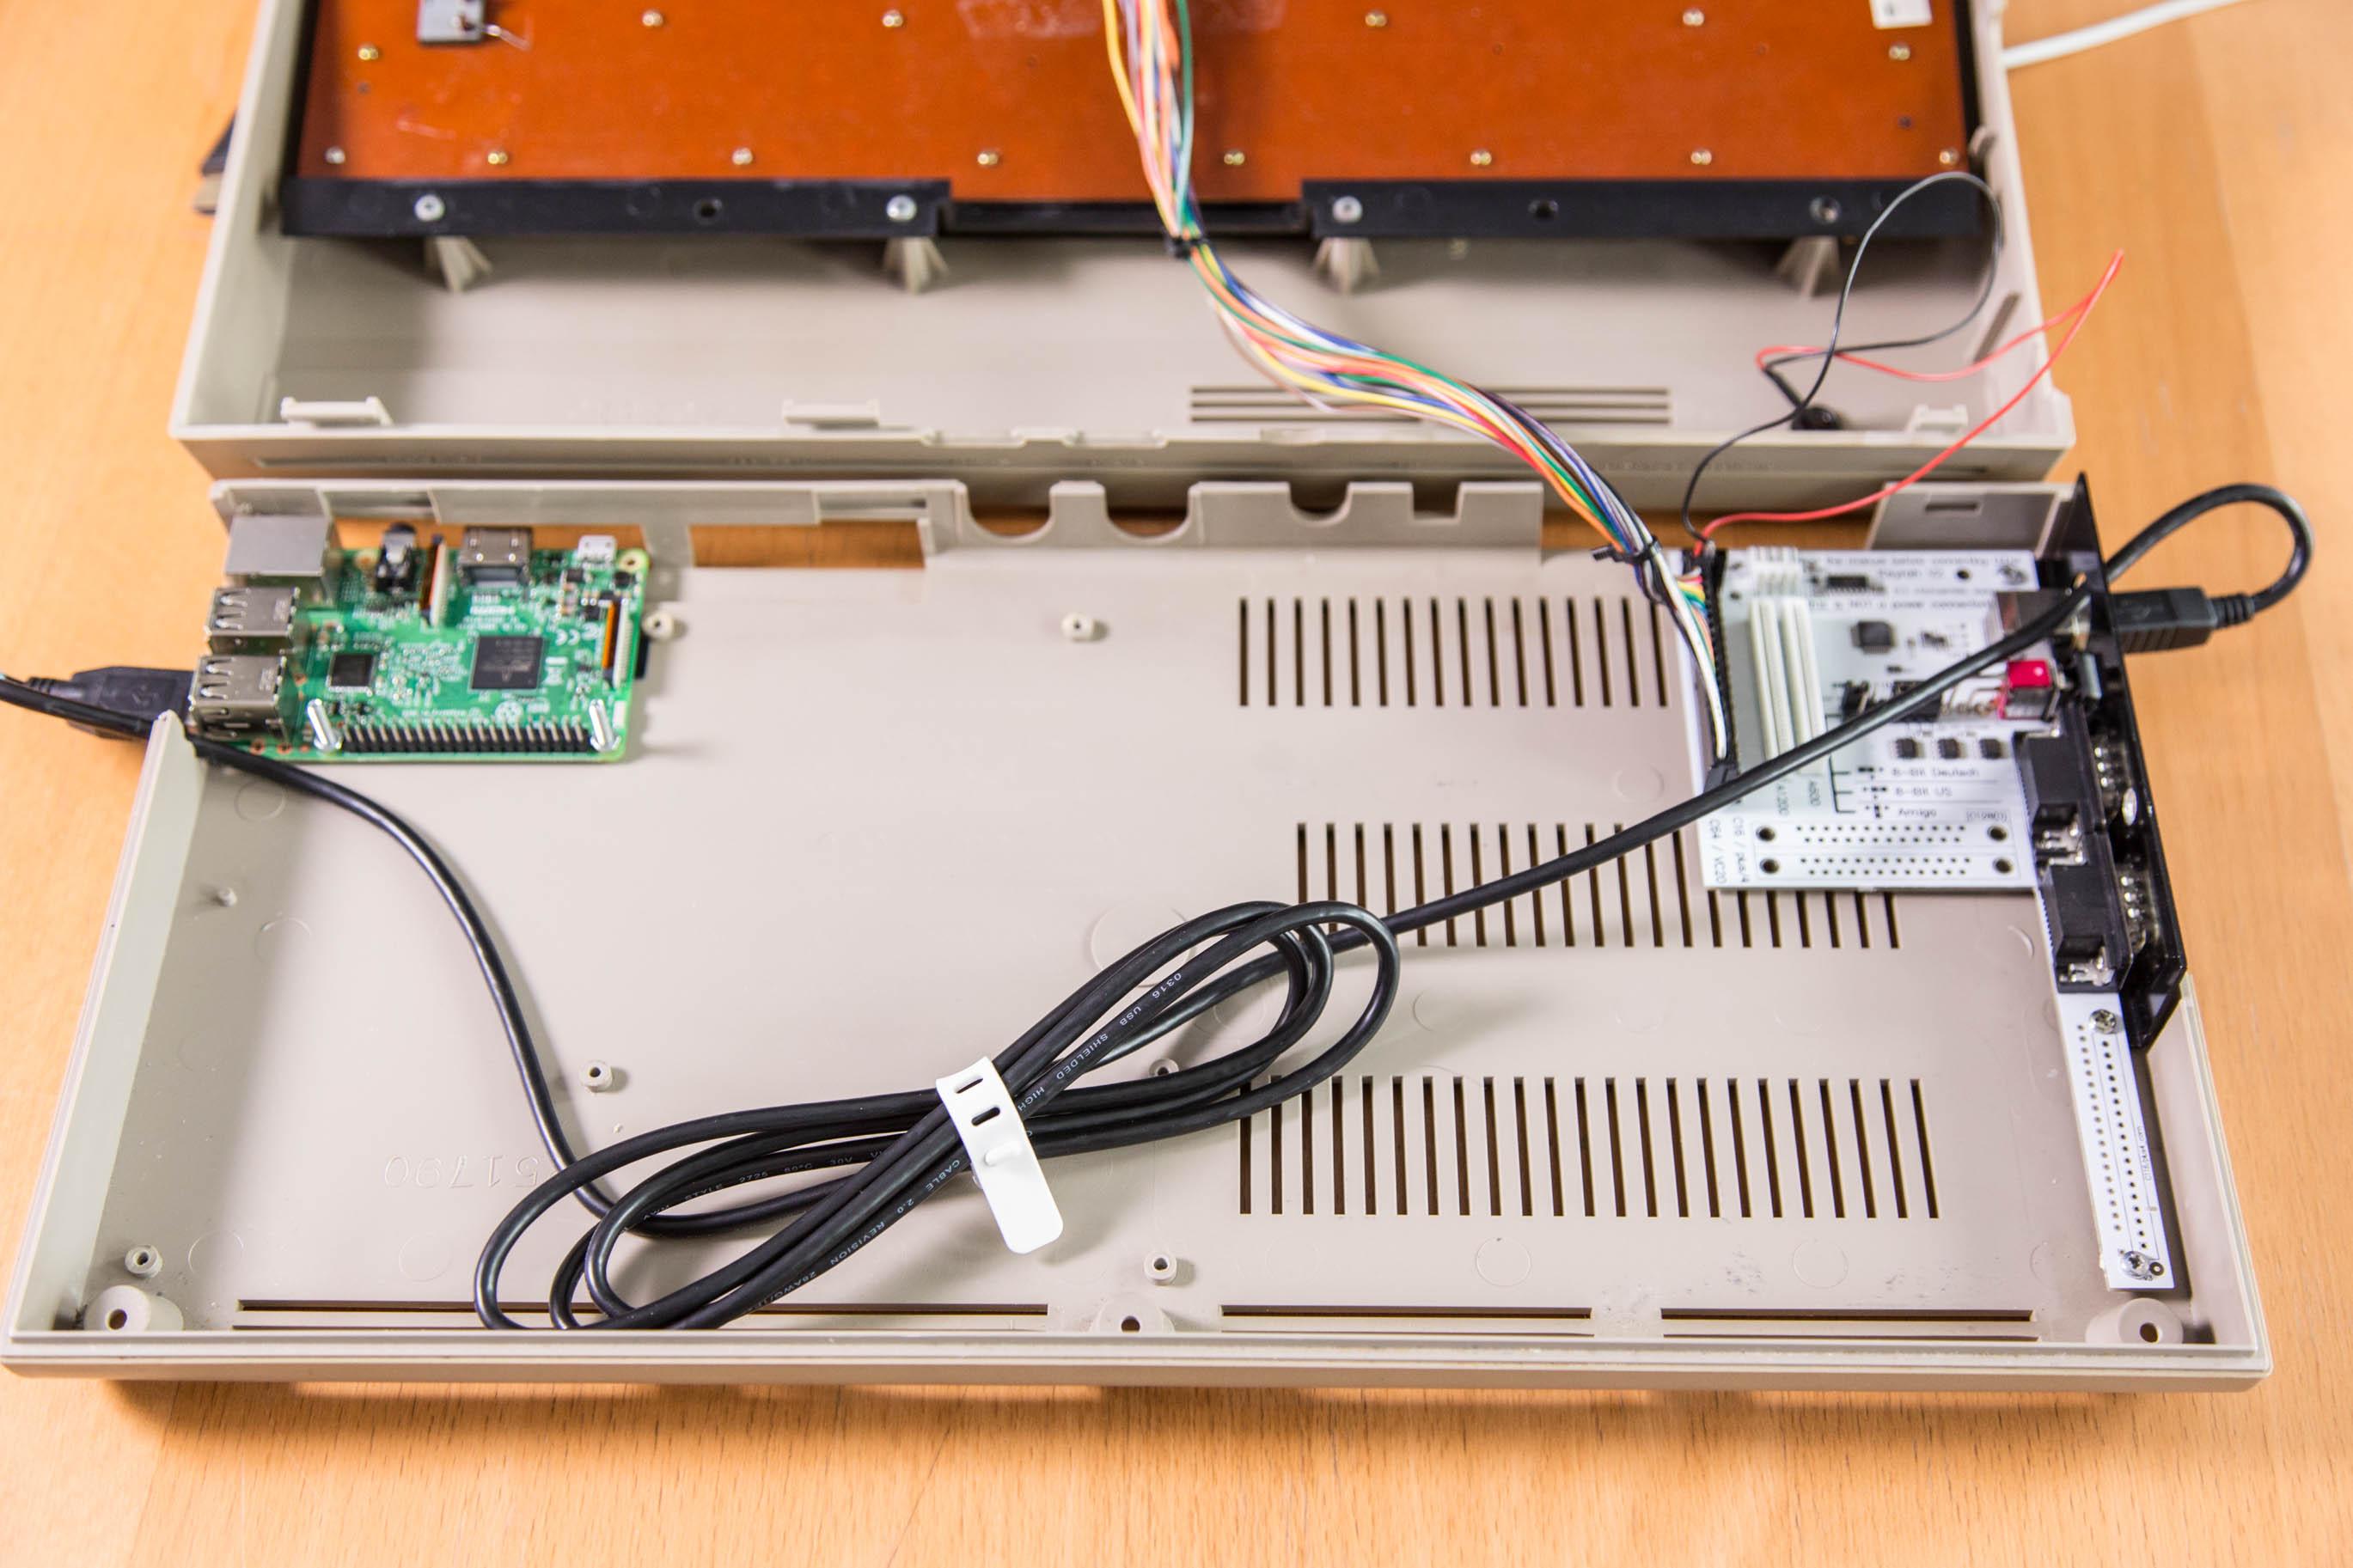 C64-Umbau mit dem Raspberry Pi: Die Wiedergeburt der Heimcomputer-Legende - Unser Werk in der Totale (Bild: Martin Wolf/Golem.de)